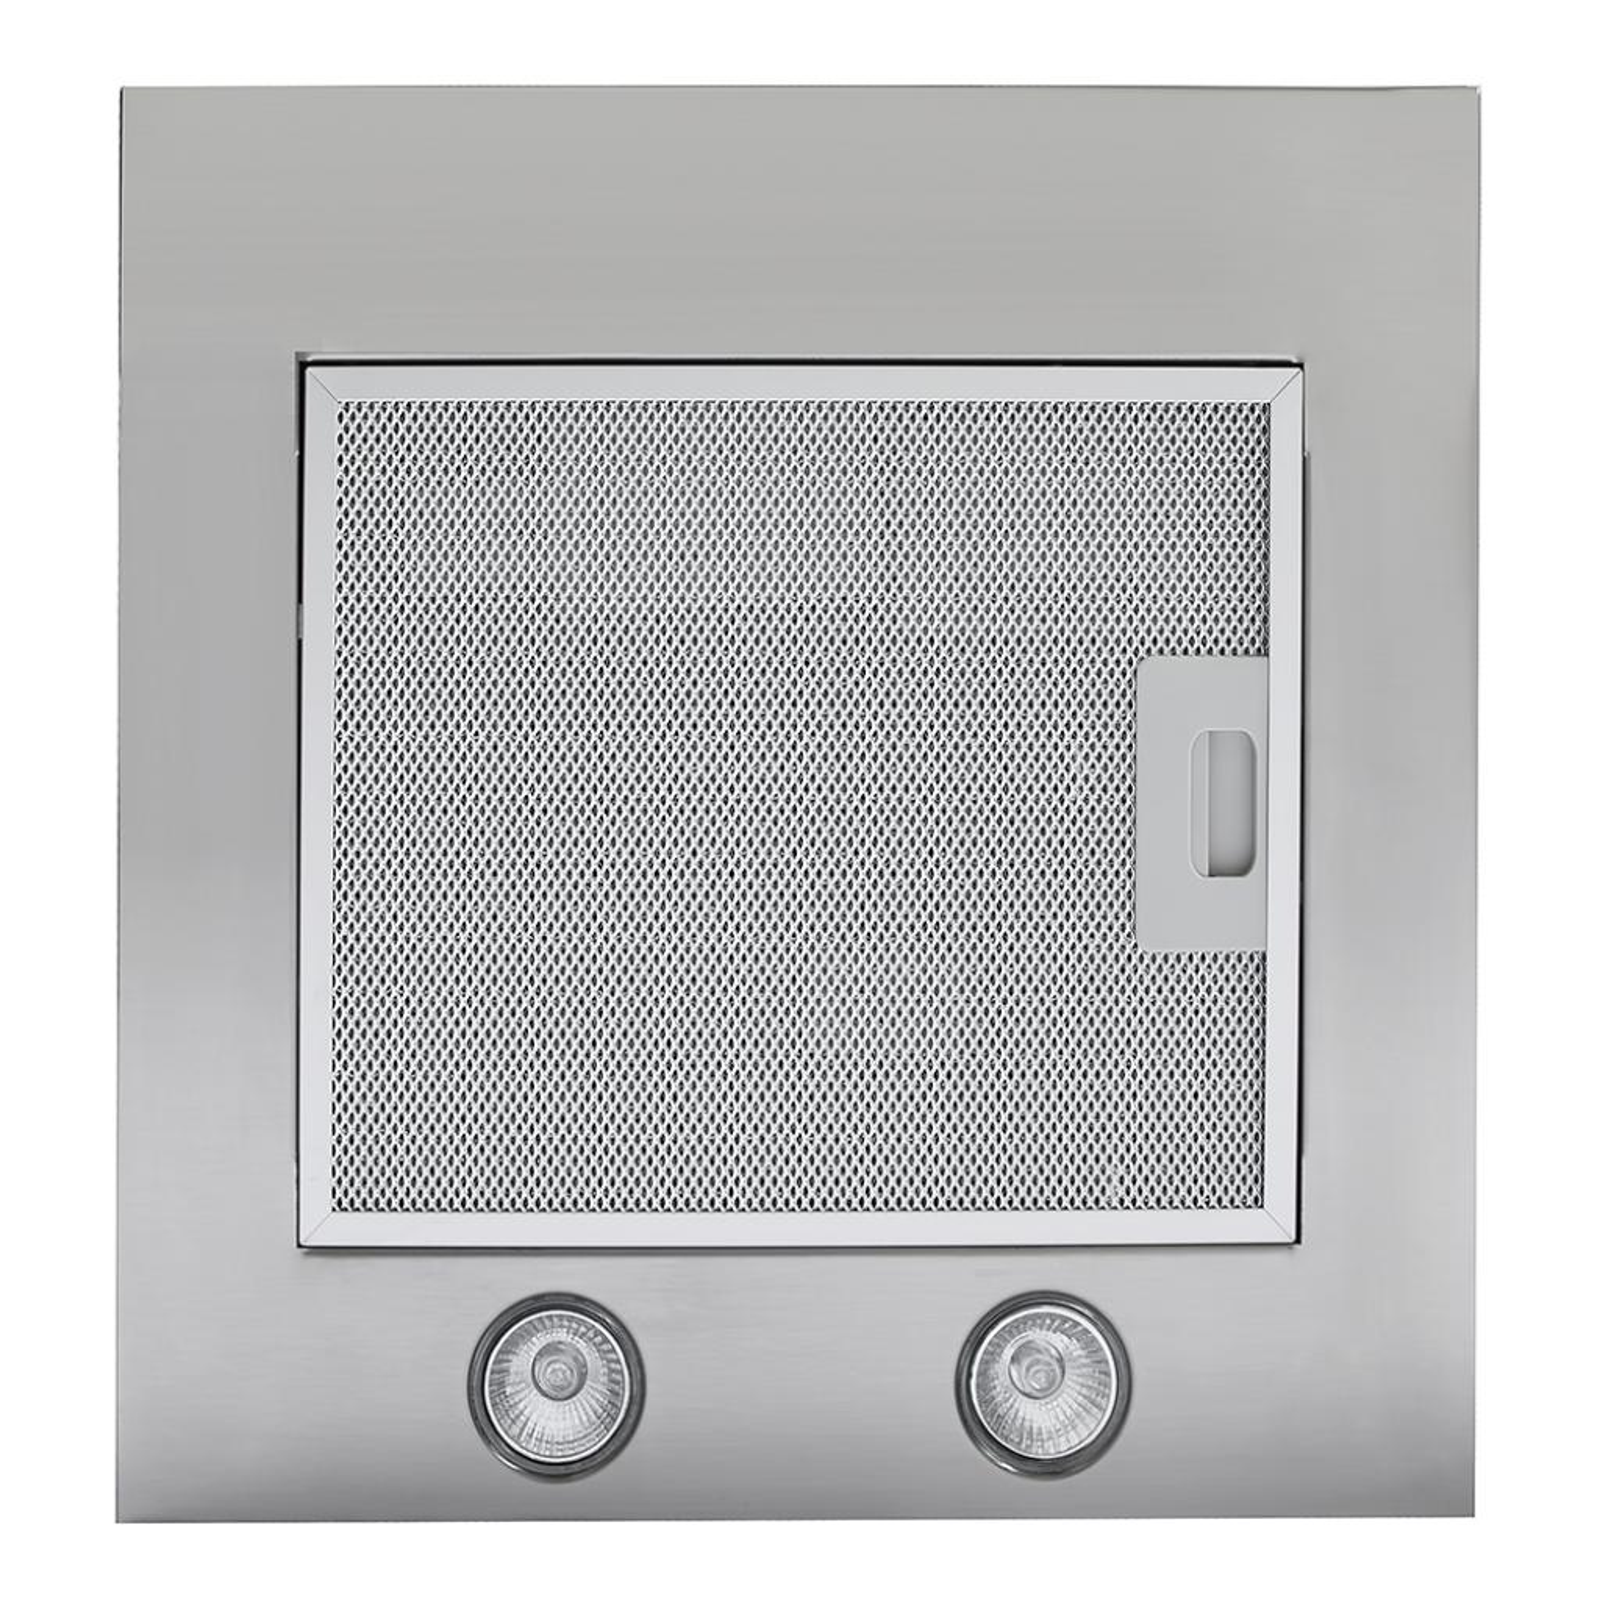 Вытяжка кухонная PERFELLI G 6341 BL изображение 4